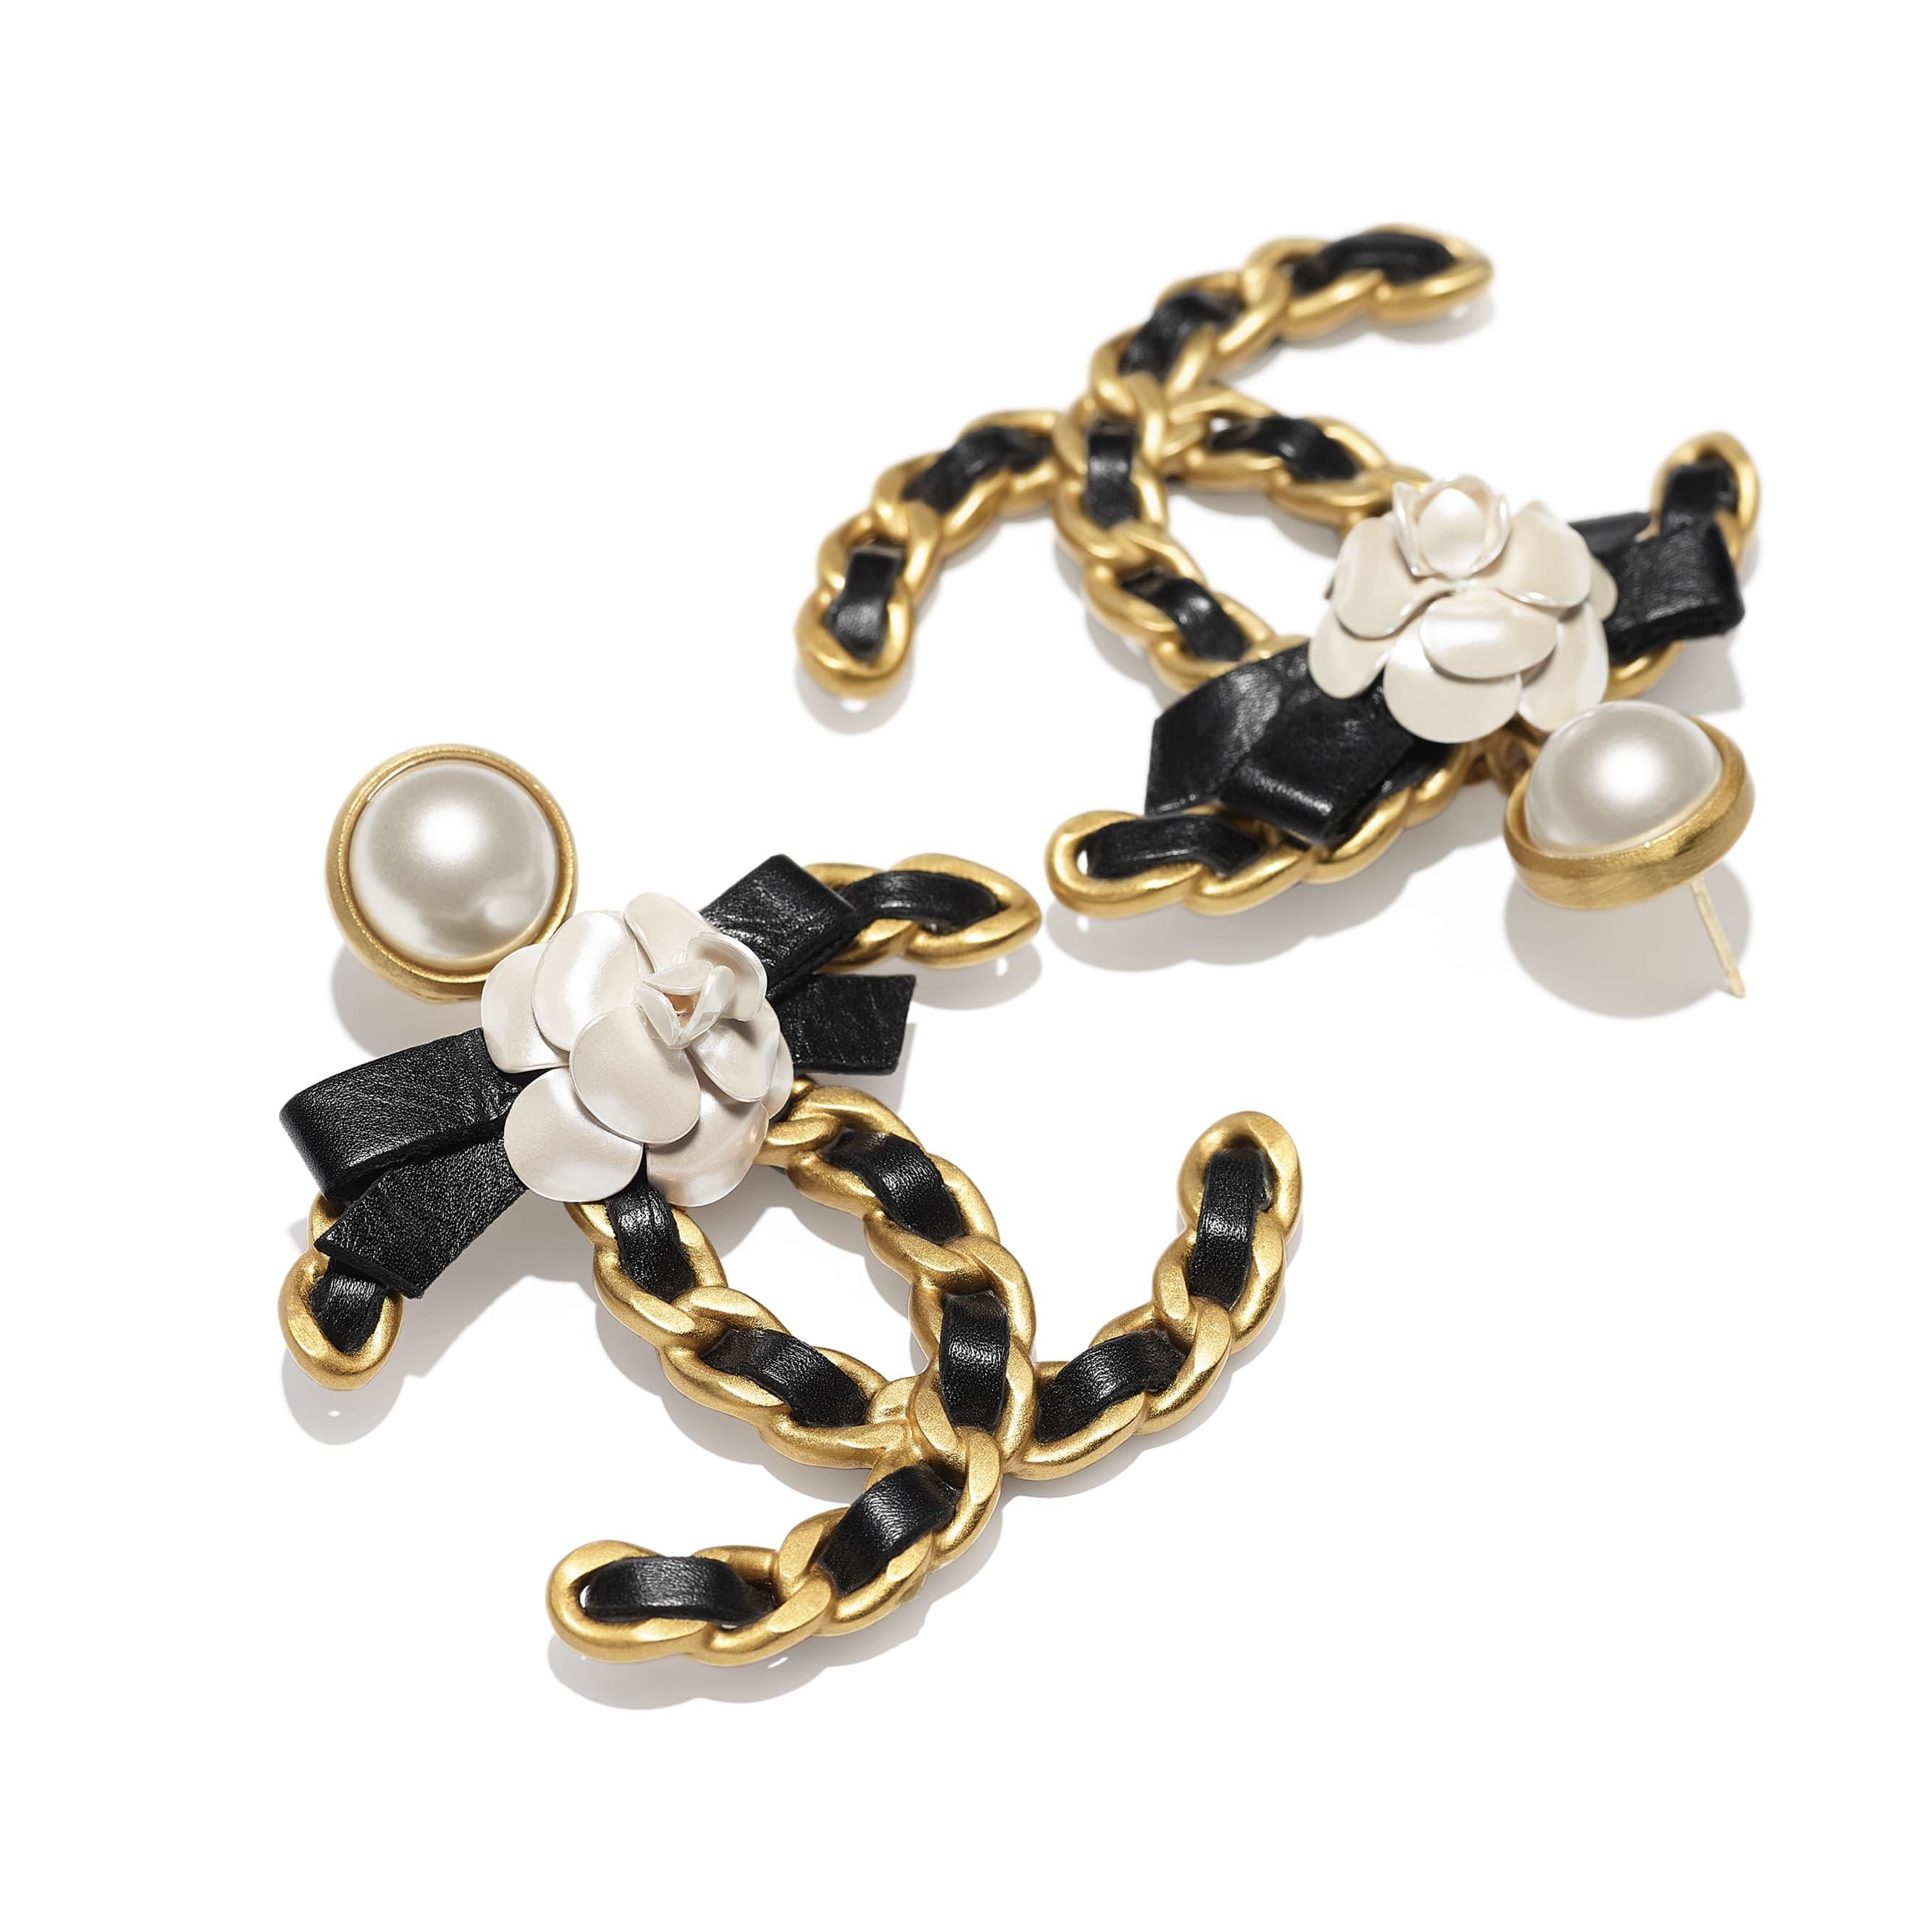 Pendientes - Dorado, blanco nacarado y negro - Metal, perlas de cristal y piel de ternera - CHANEL - Vista alternativa - ver la versión tamaño estándar